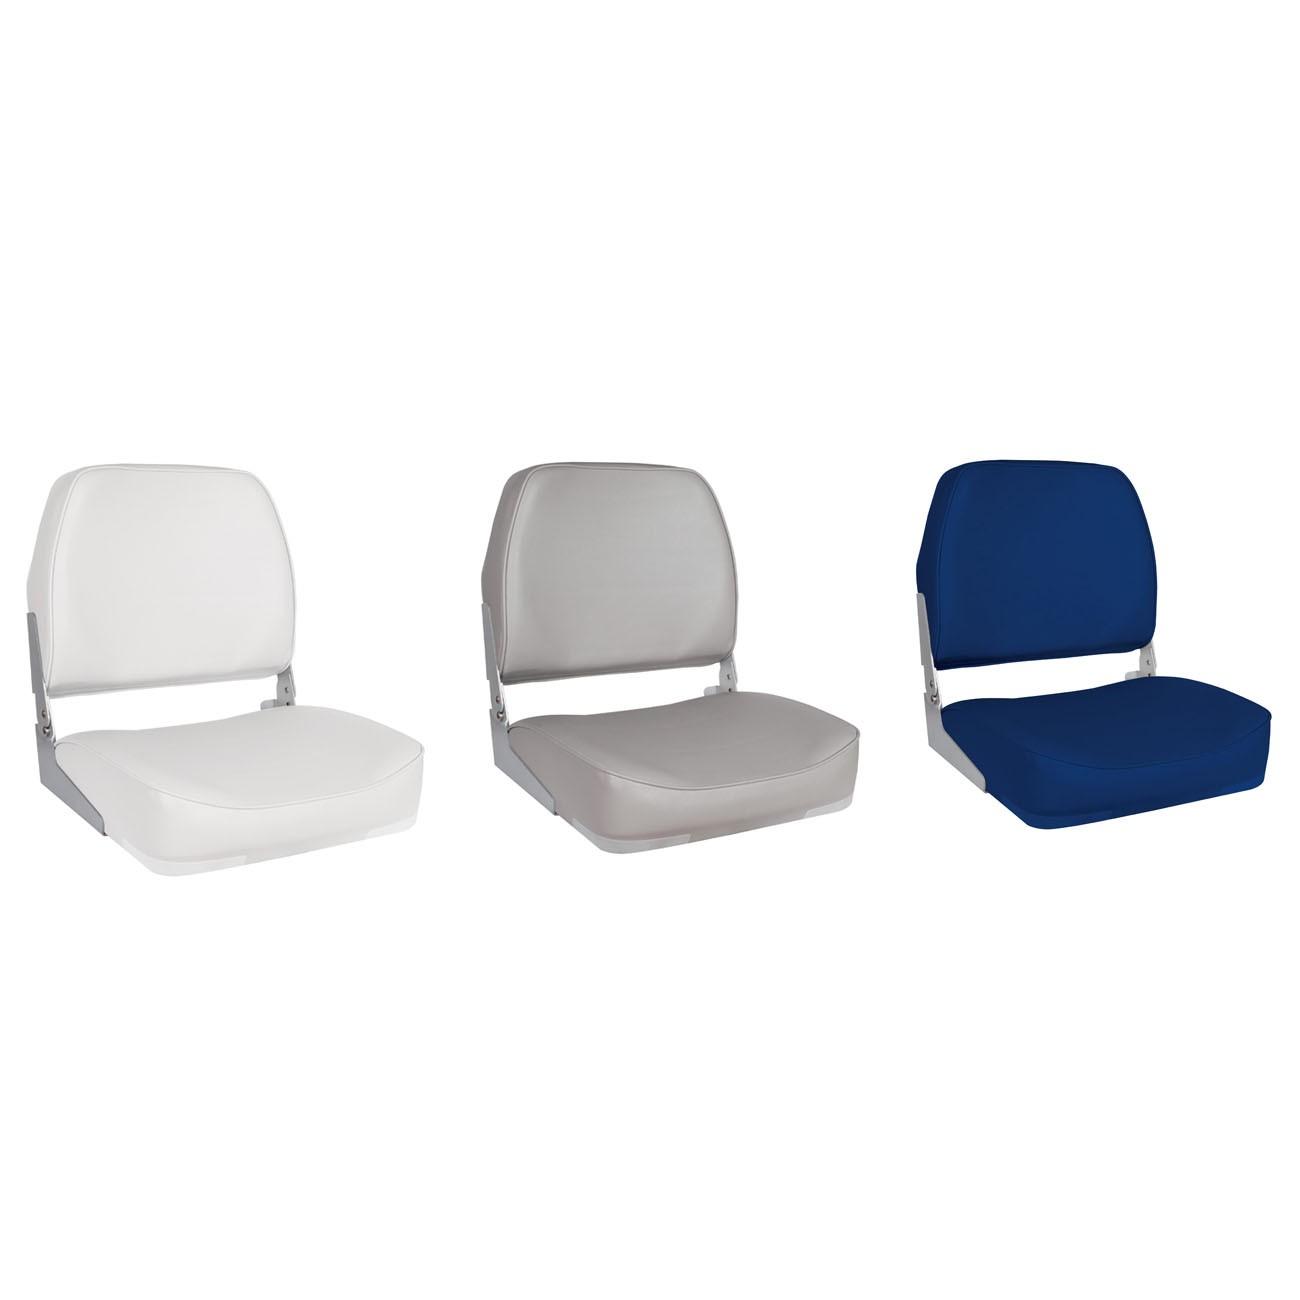 69.55 - Κάθισμα Αναδιπλούμενο Χρώματος Λευκού